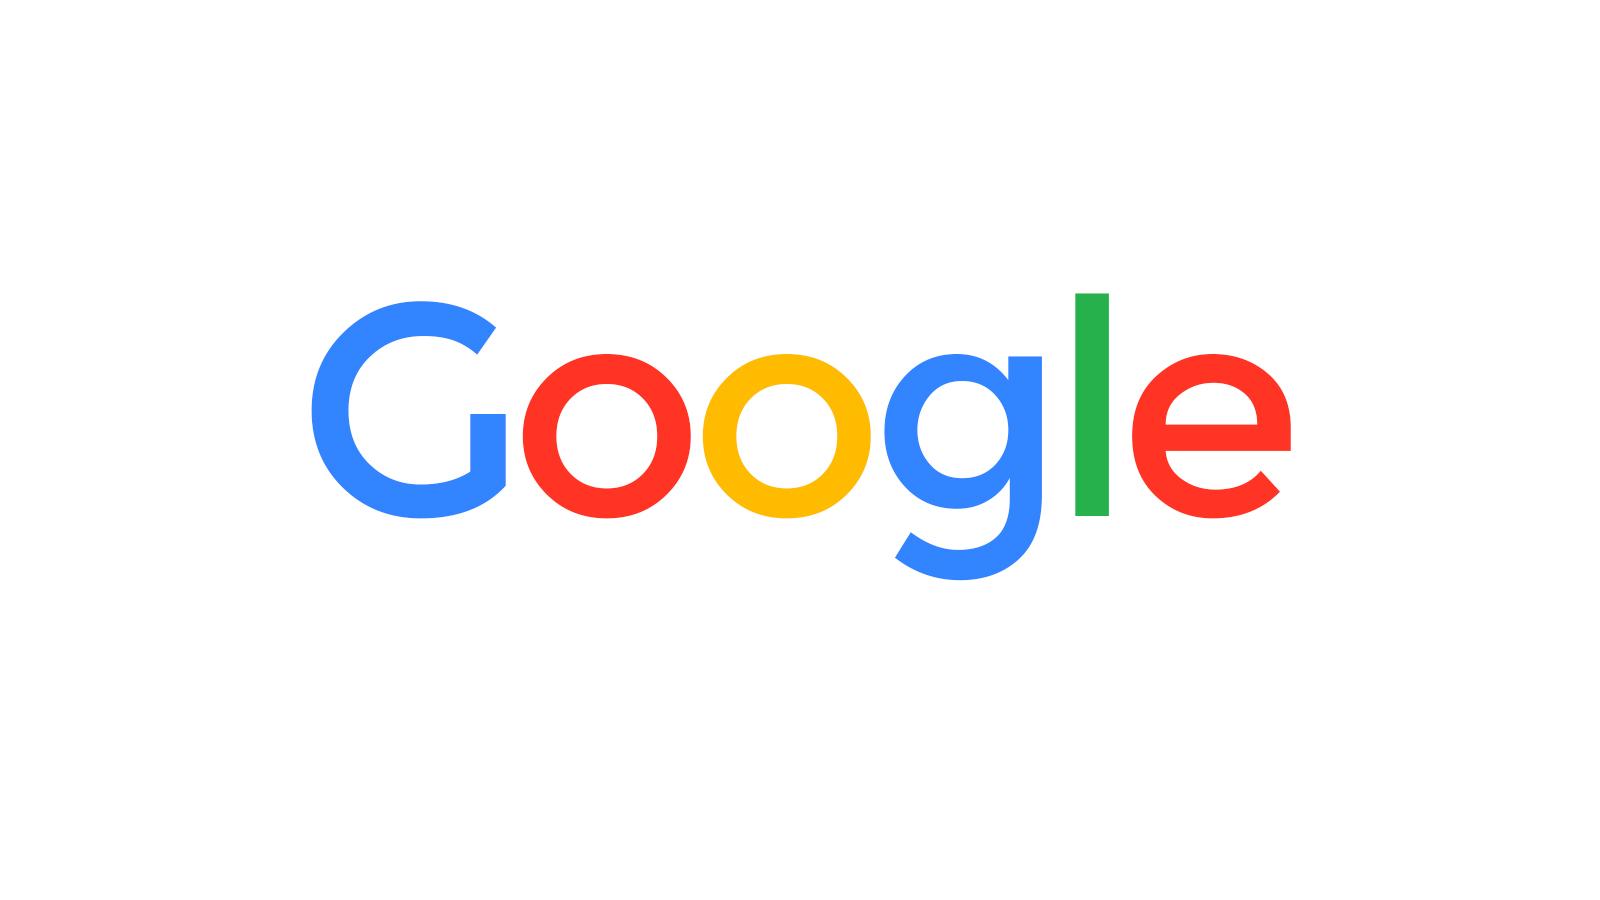 Google Fiber yenidən gündəmə gəlib!